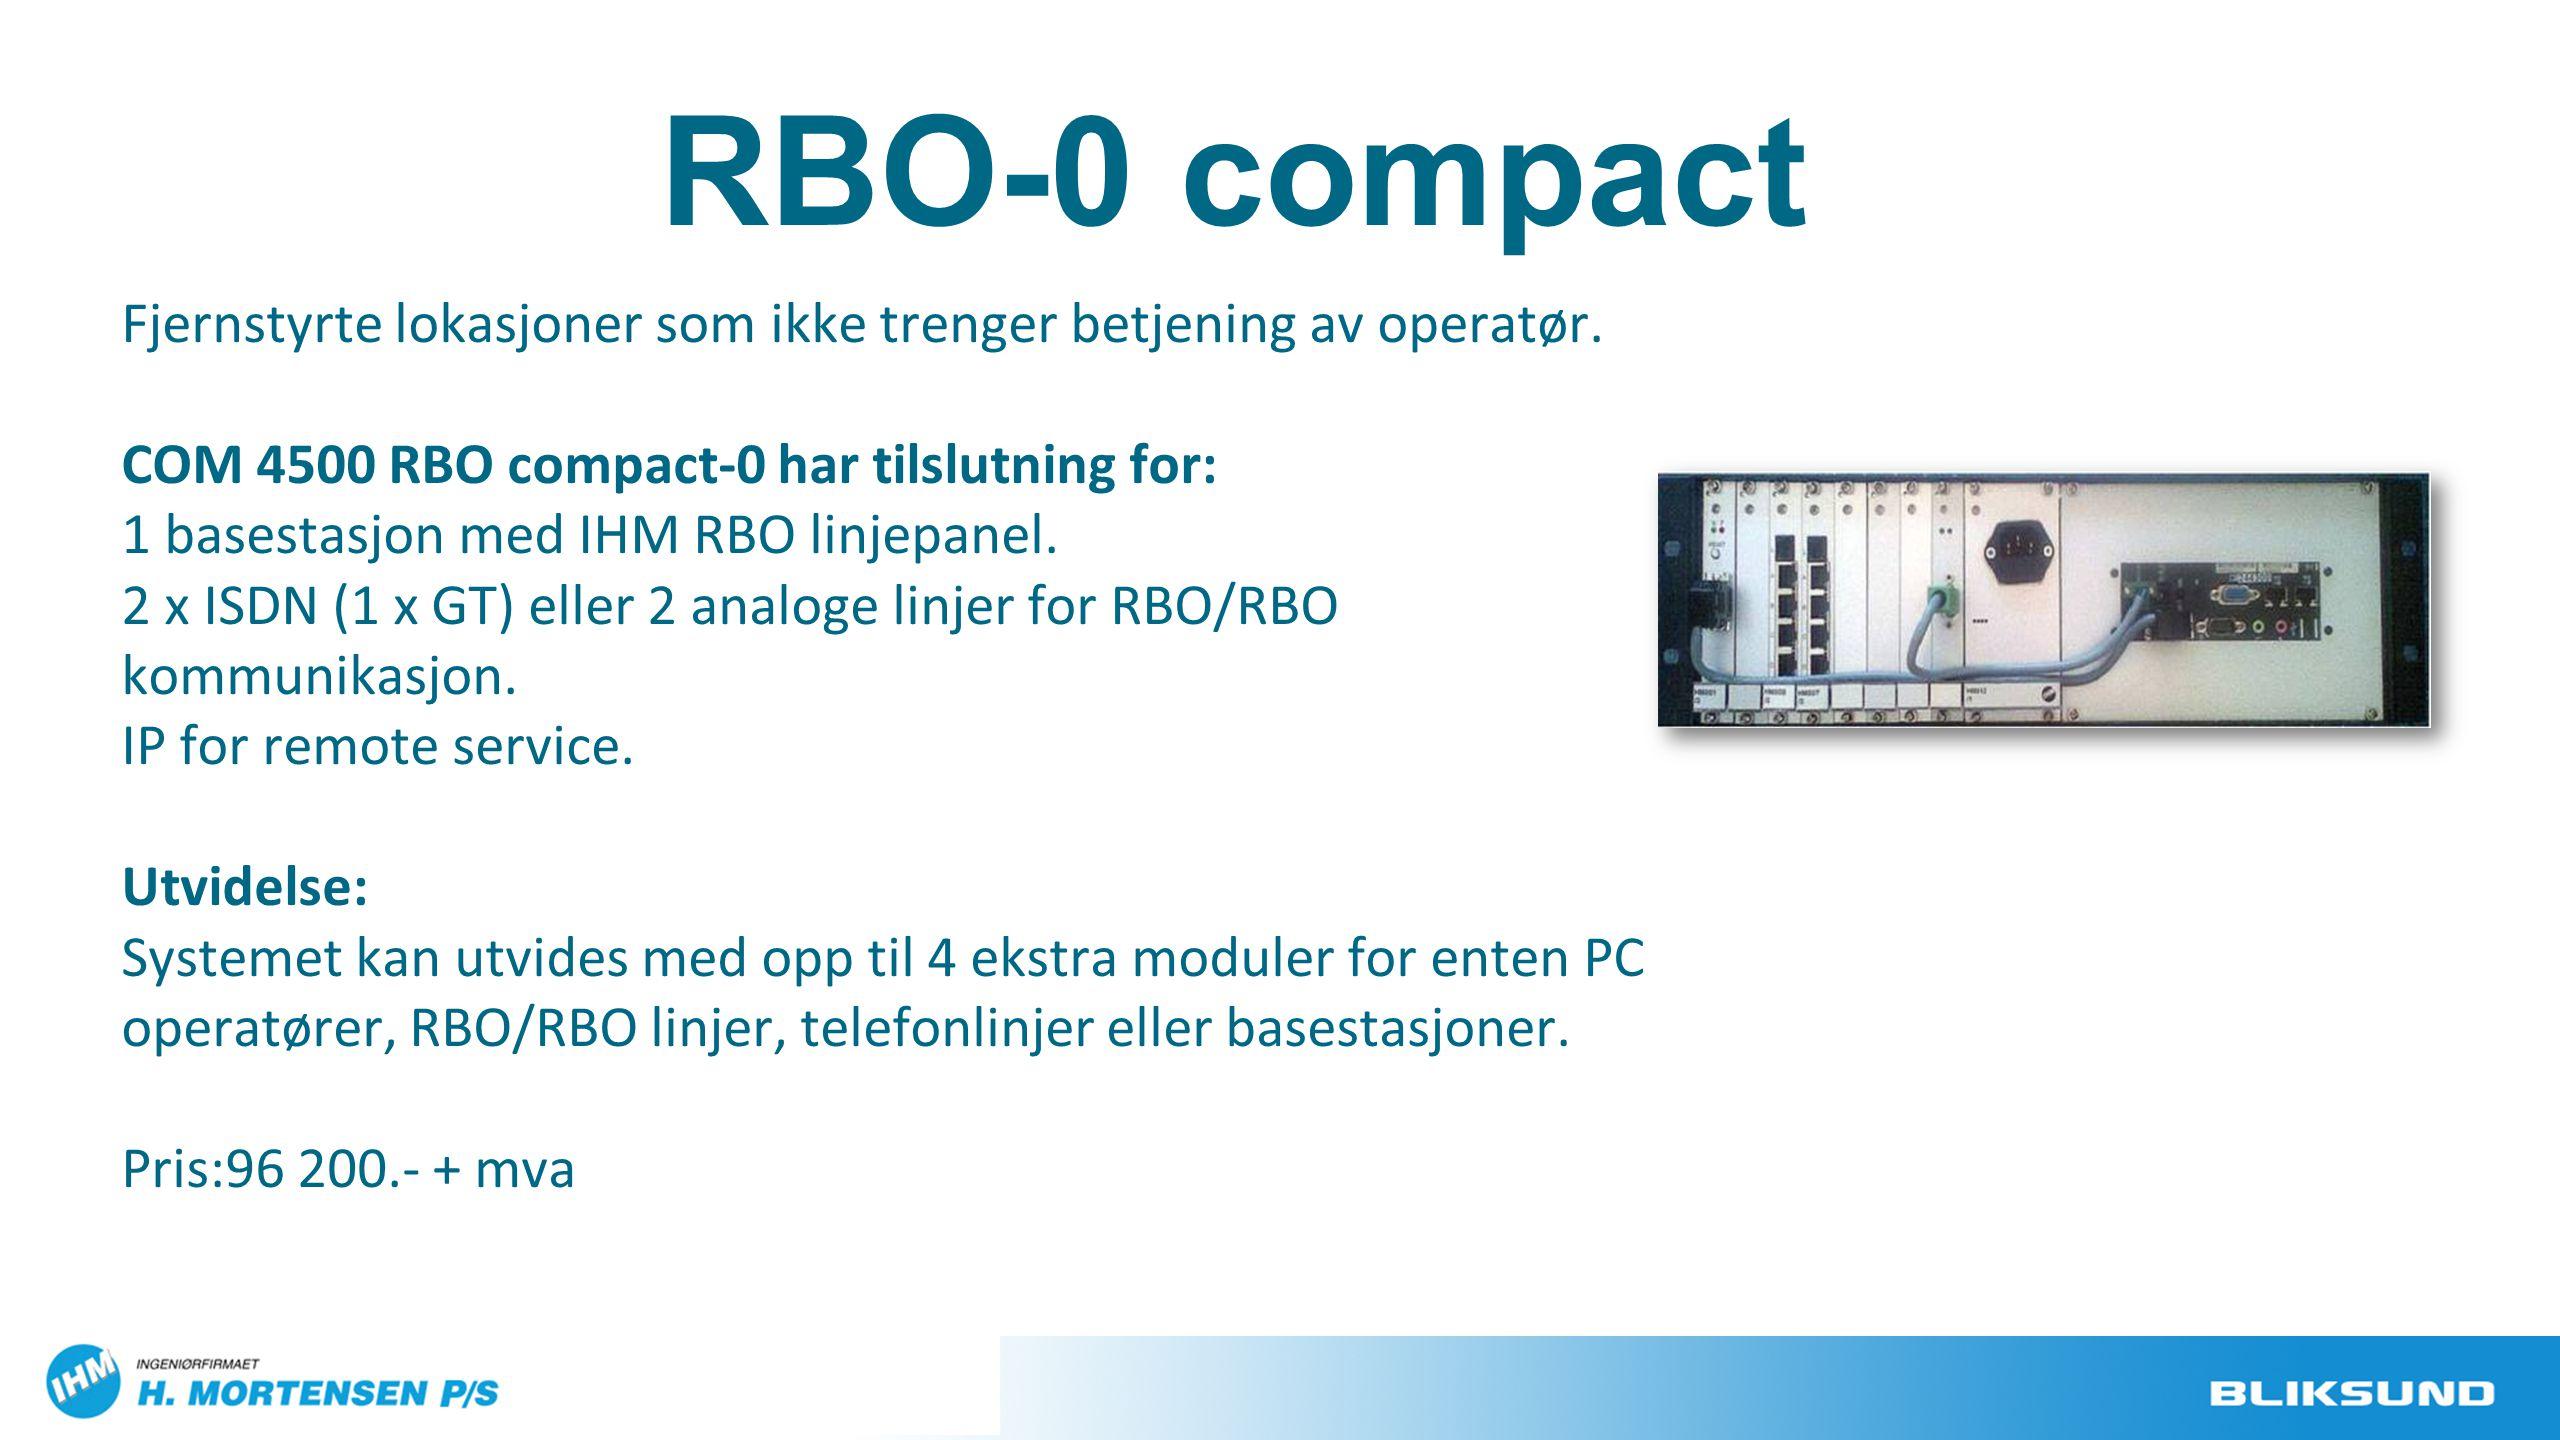 Fjernstyrte lokasjoner som ikke trenger betjening av operatør. COM 4500 RBO compact-0 har tilslutning for: 1 basestasjon med IHM RBO linjepanel. 2 x I